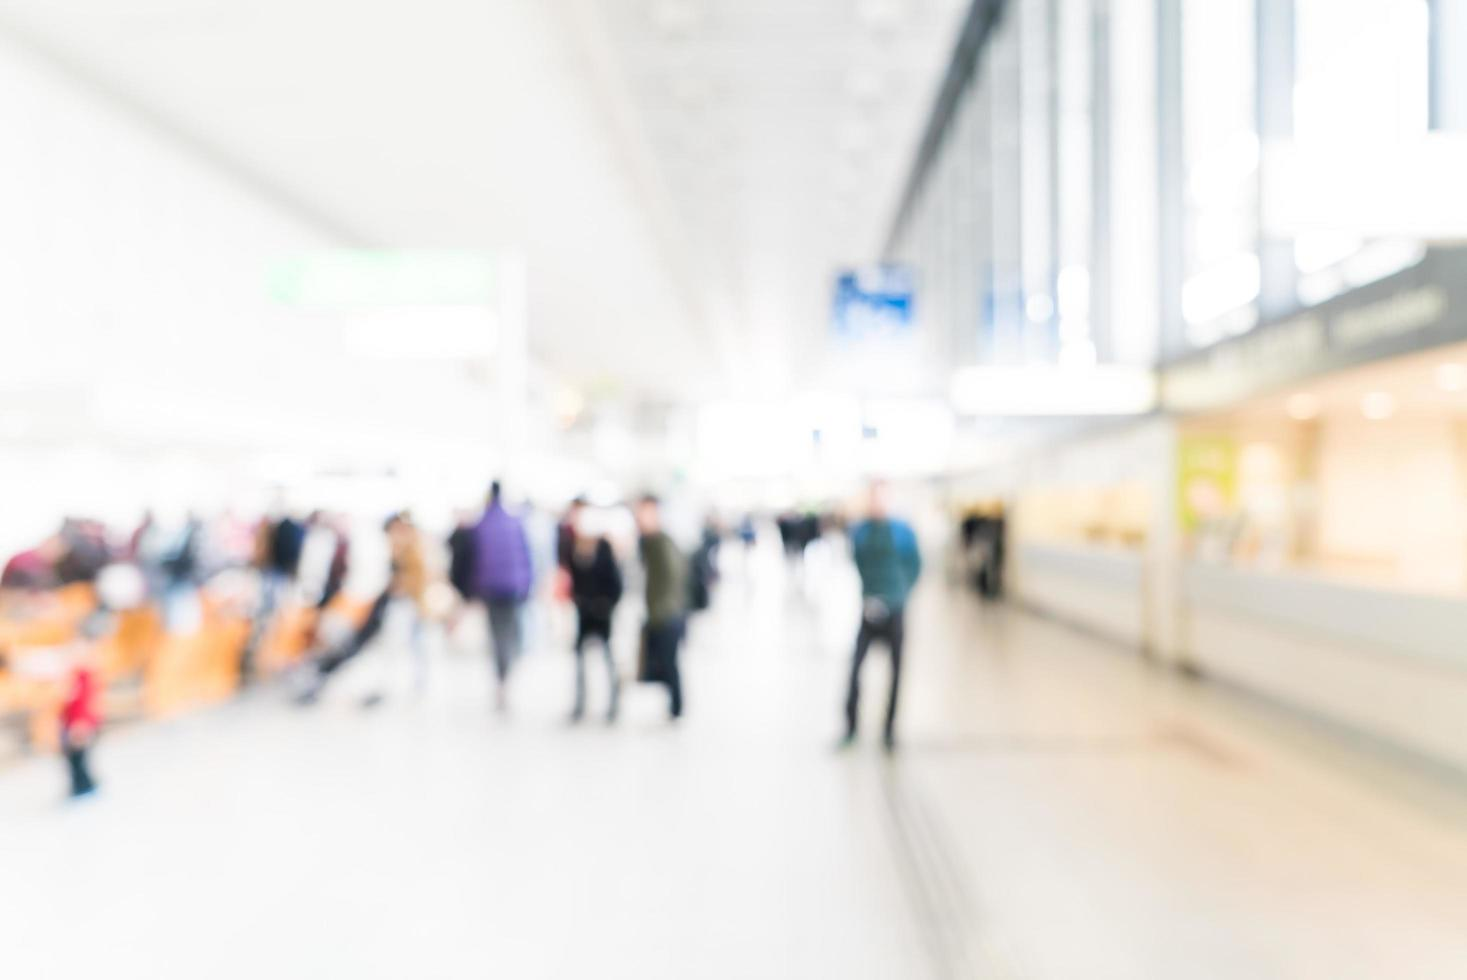 abstrakt suddighet flygplatsinredning foto